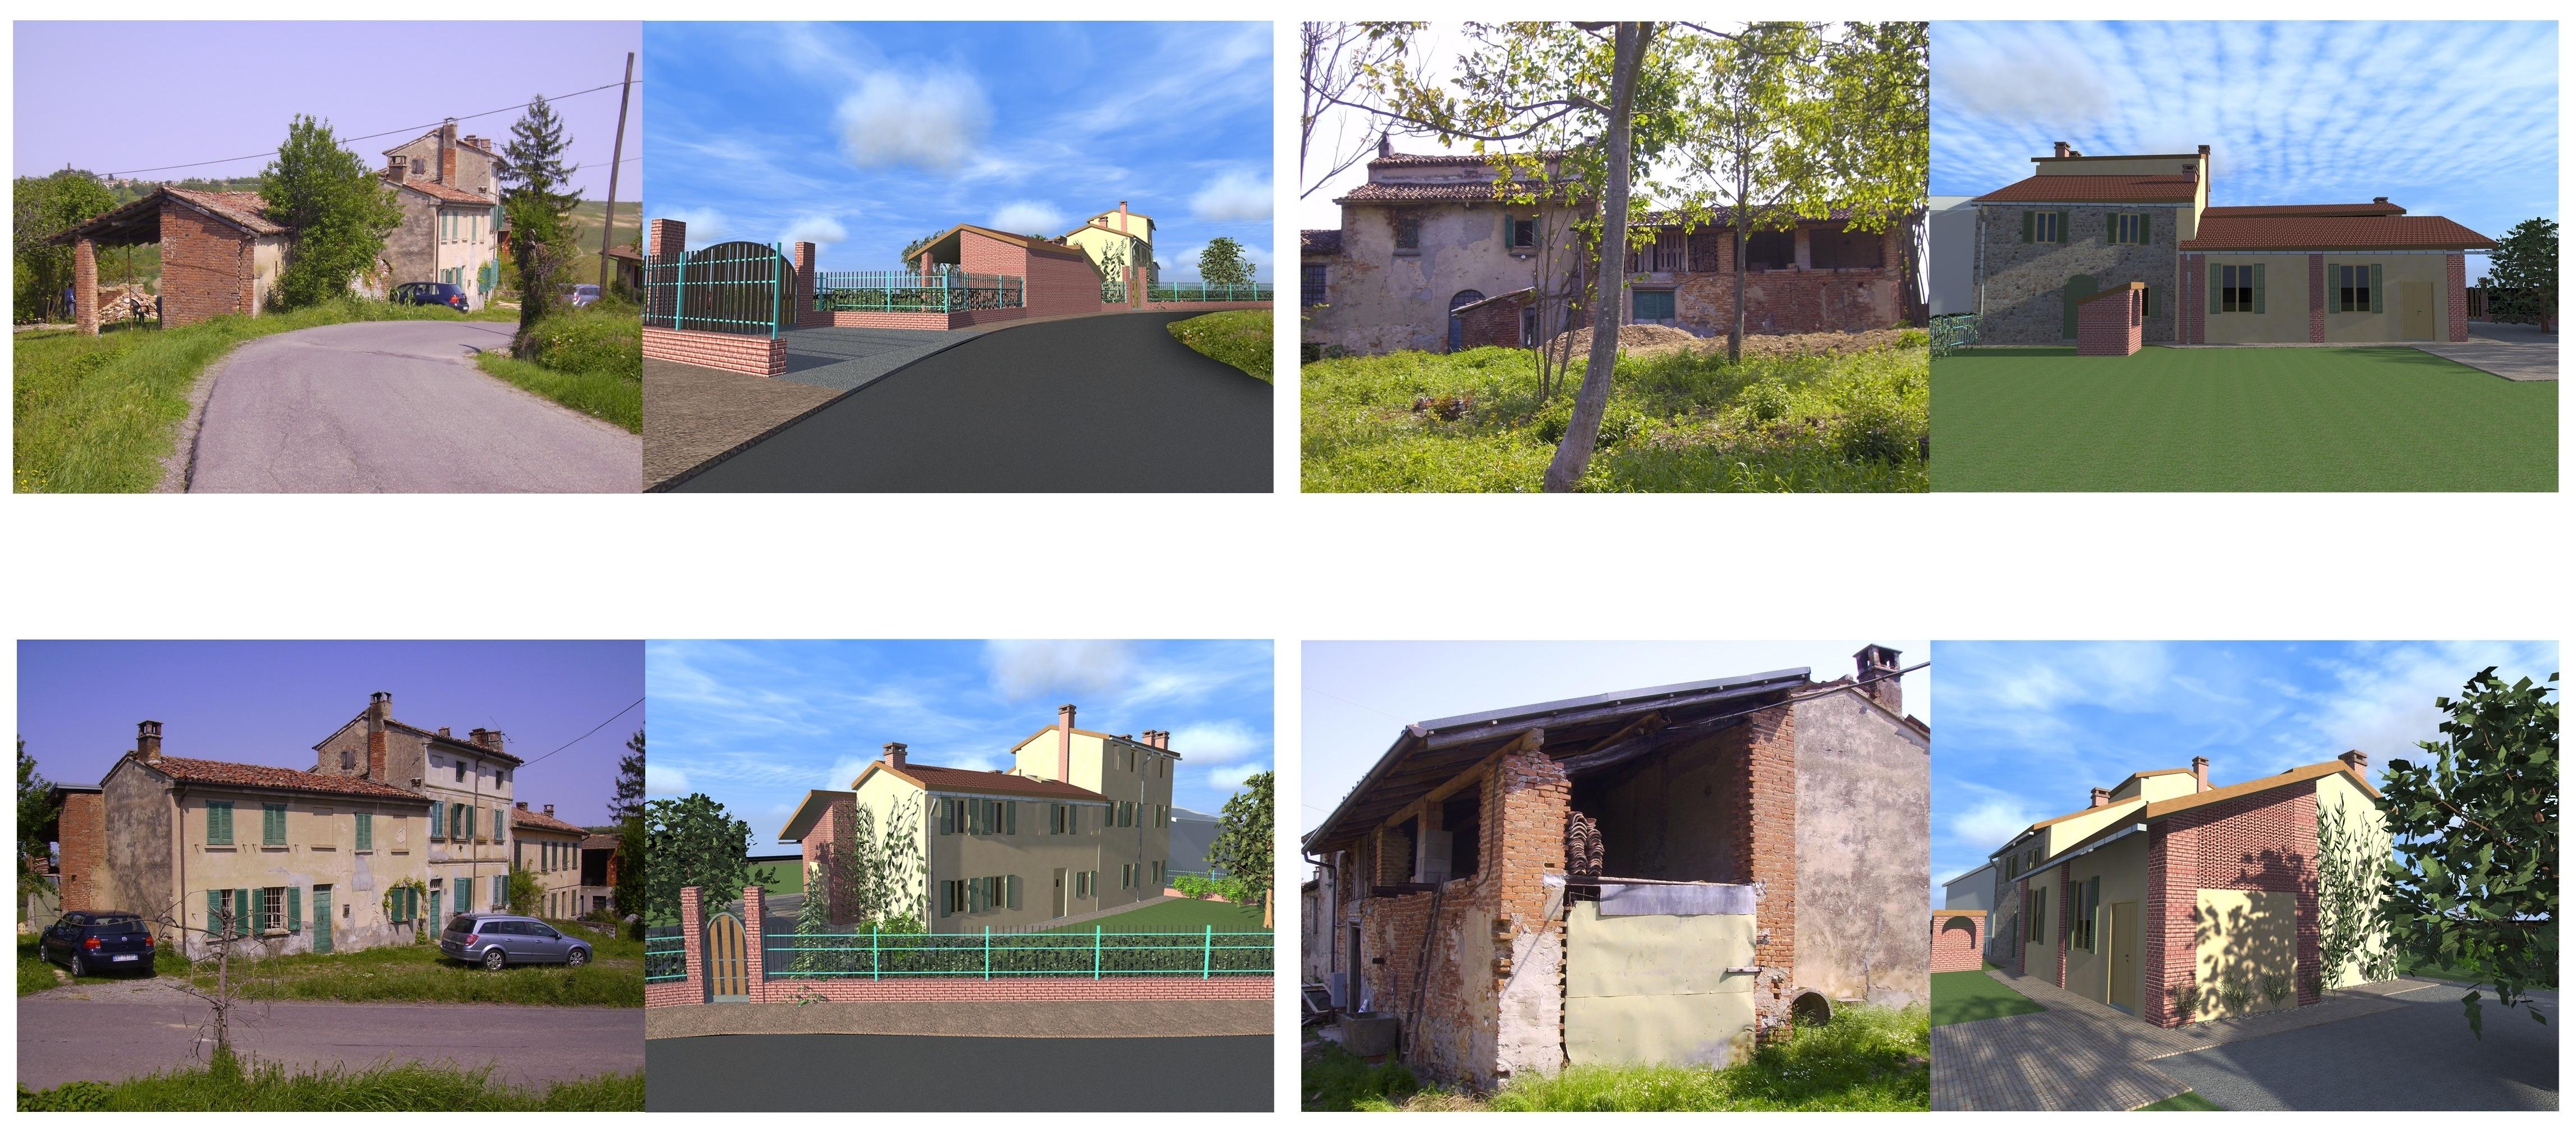 Progetto per recupero casa di campagna nell 39 oltrep - Progetto casa campagna ...